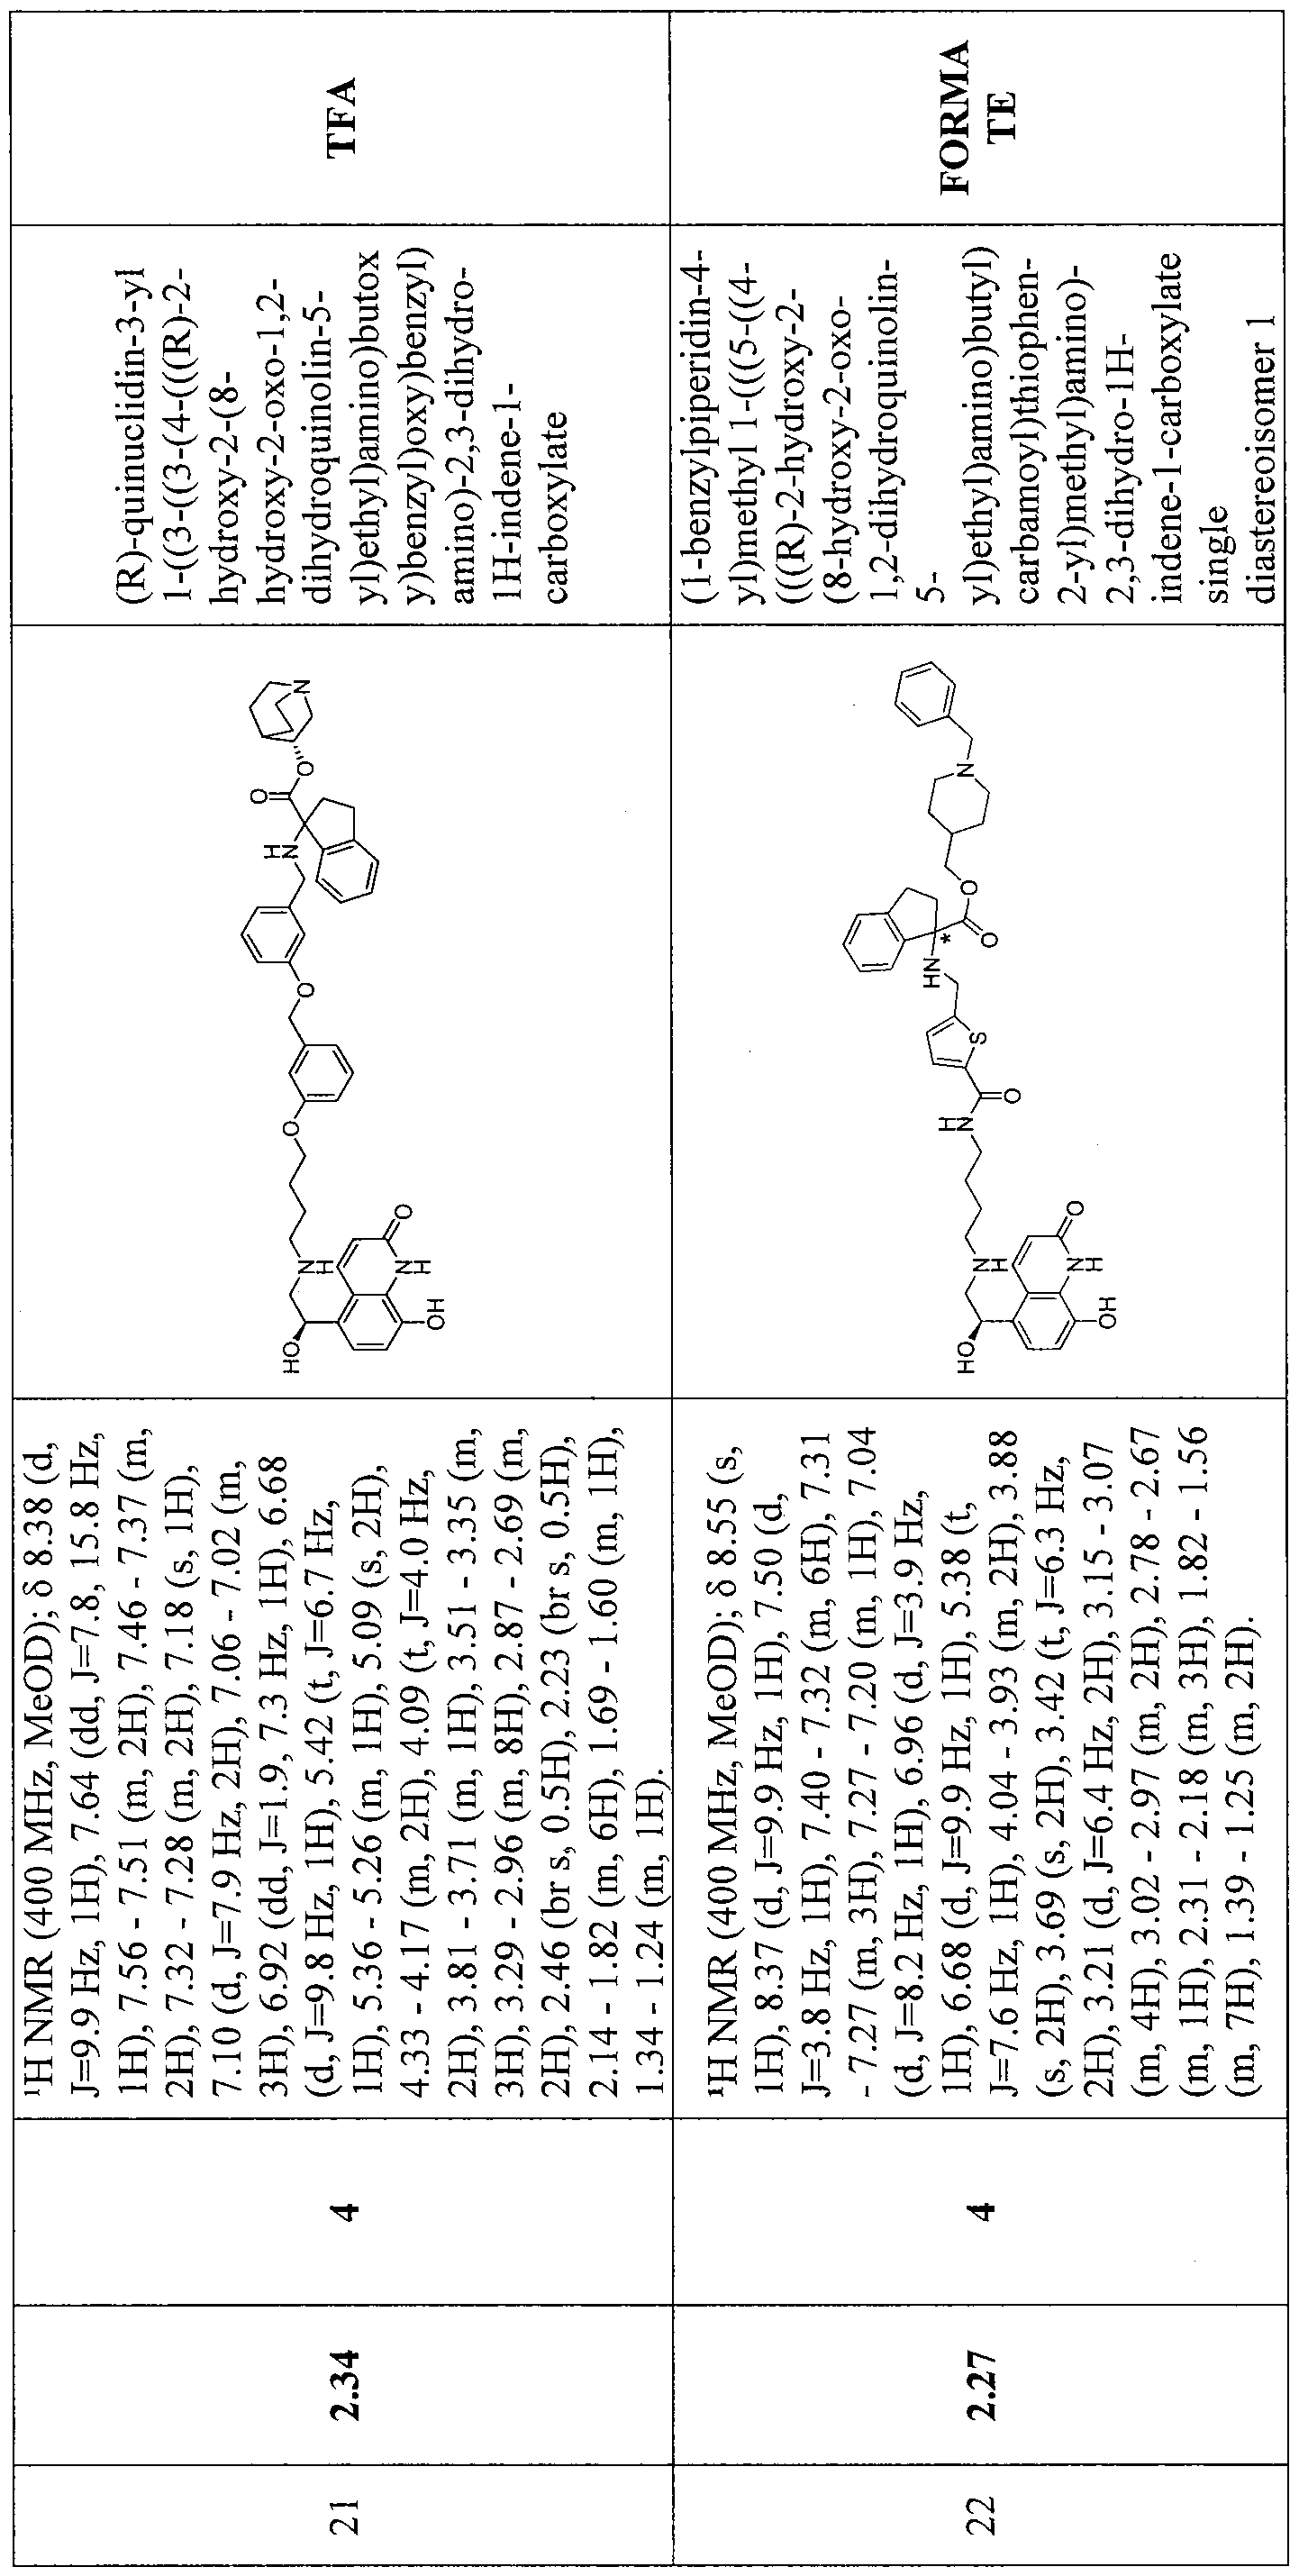 Figure imgf000090_0001